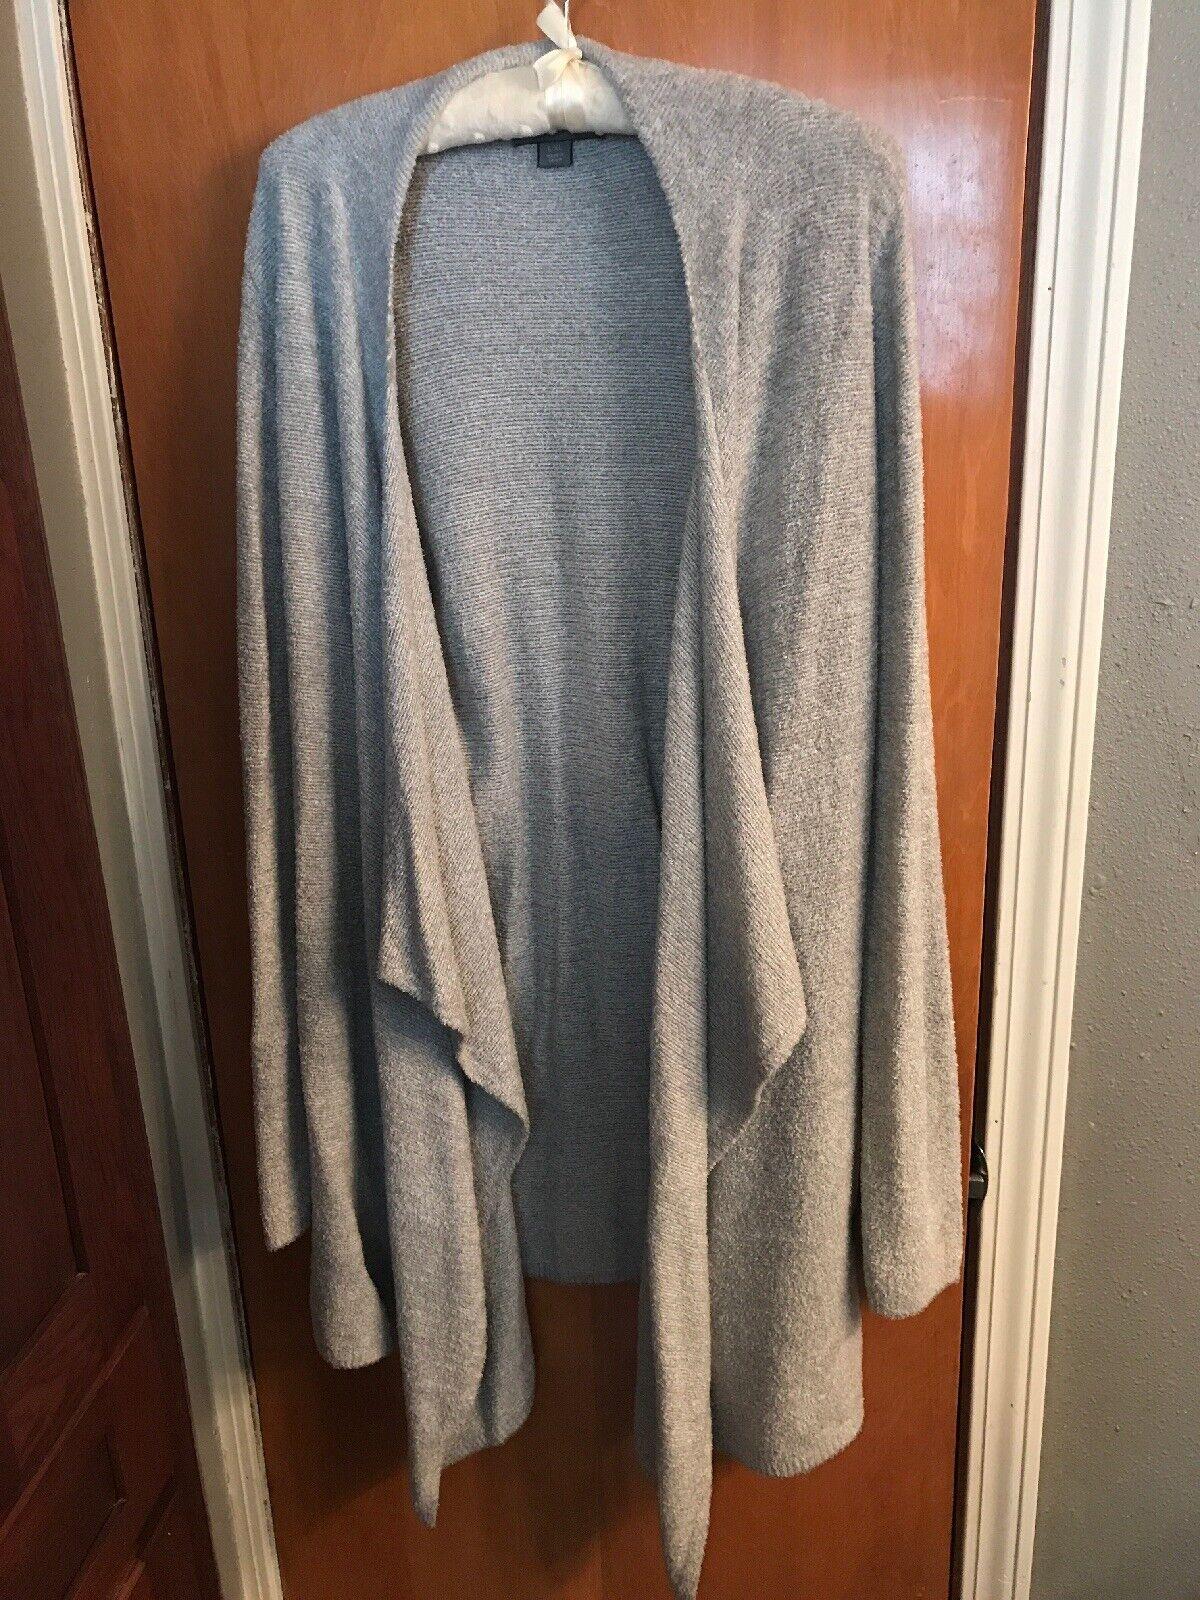 Barefoot Sueños Talle Estaño Plata Cardigan Sweater L XL estilo  436  entrega rápida